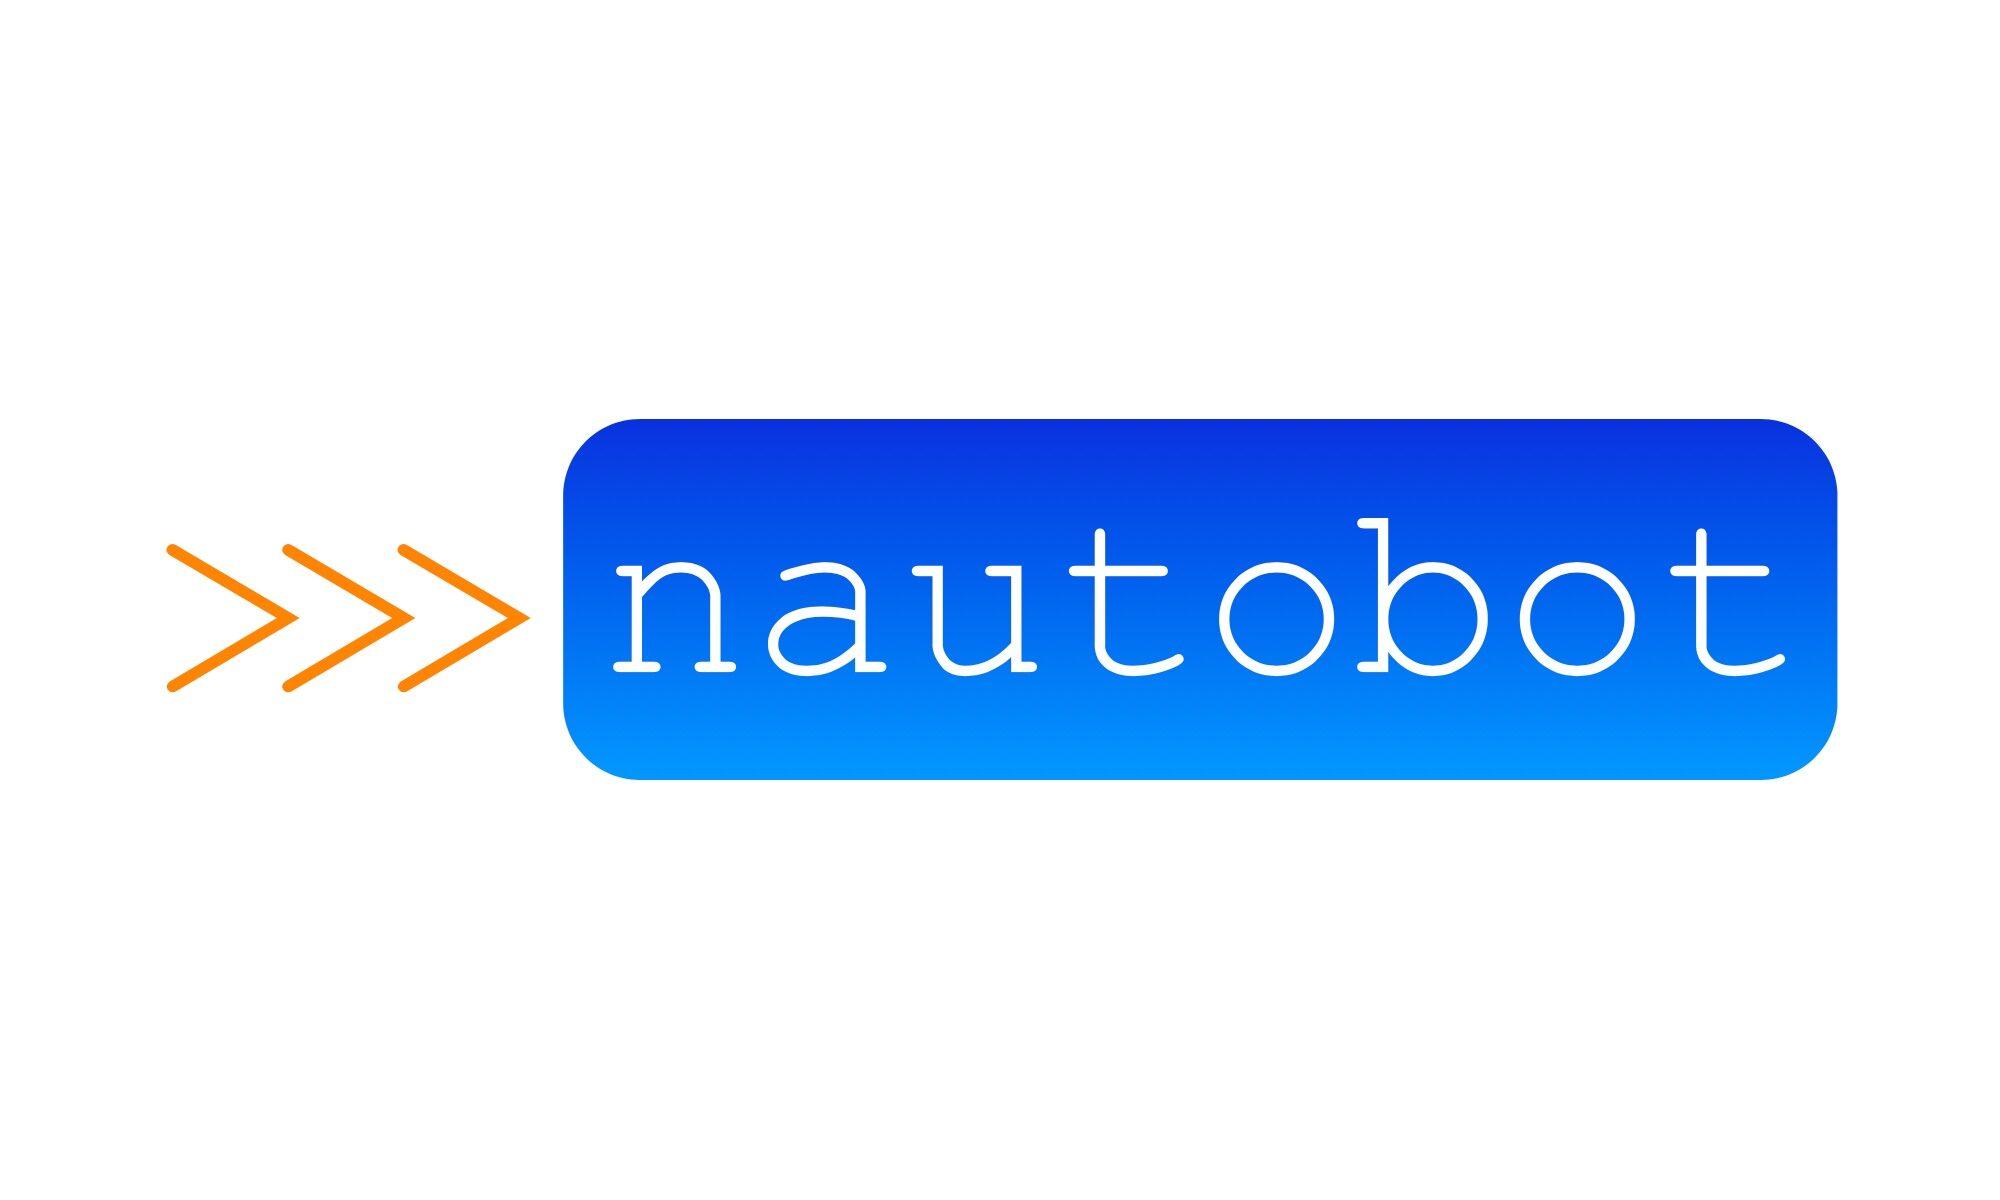 Nautobot